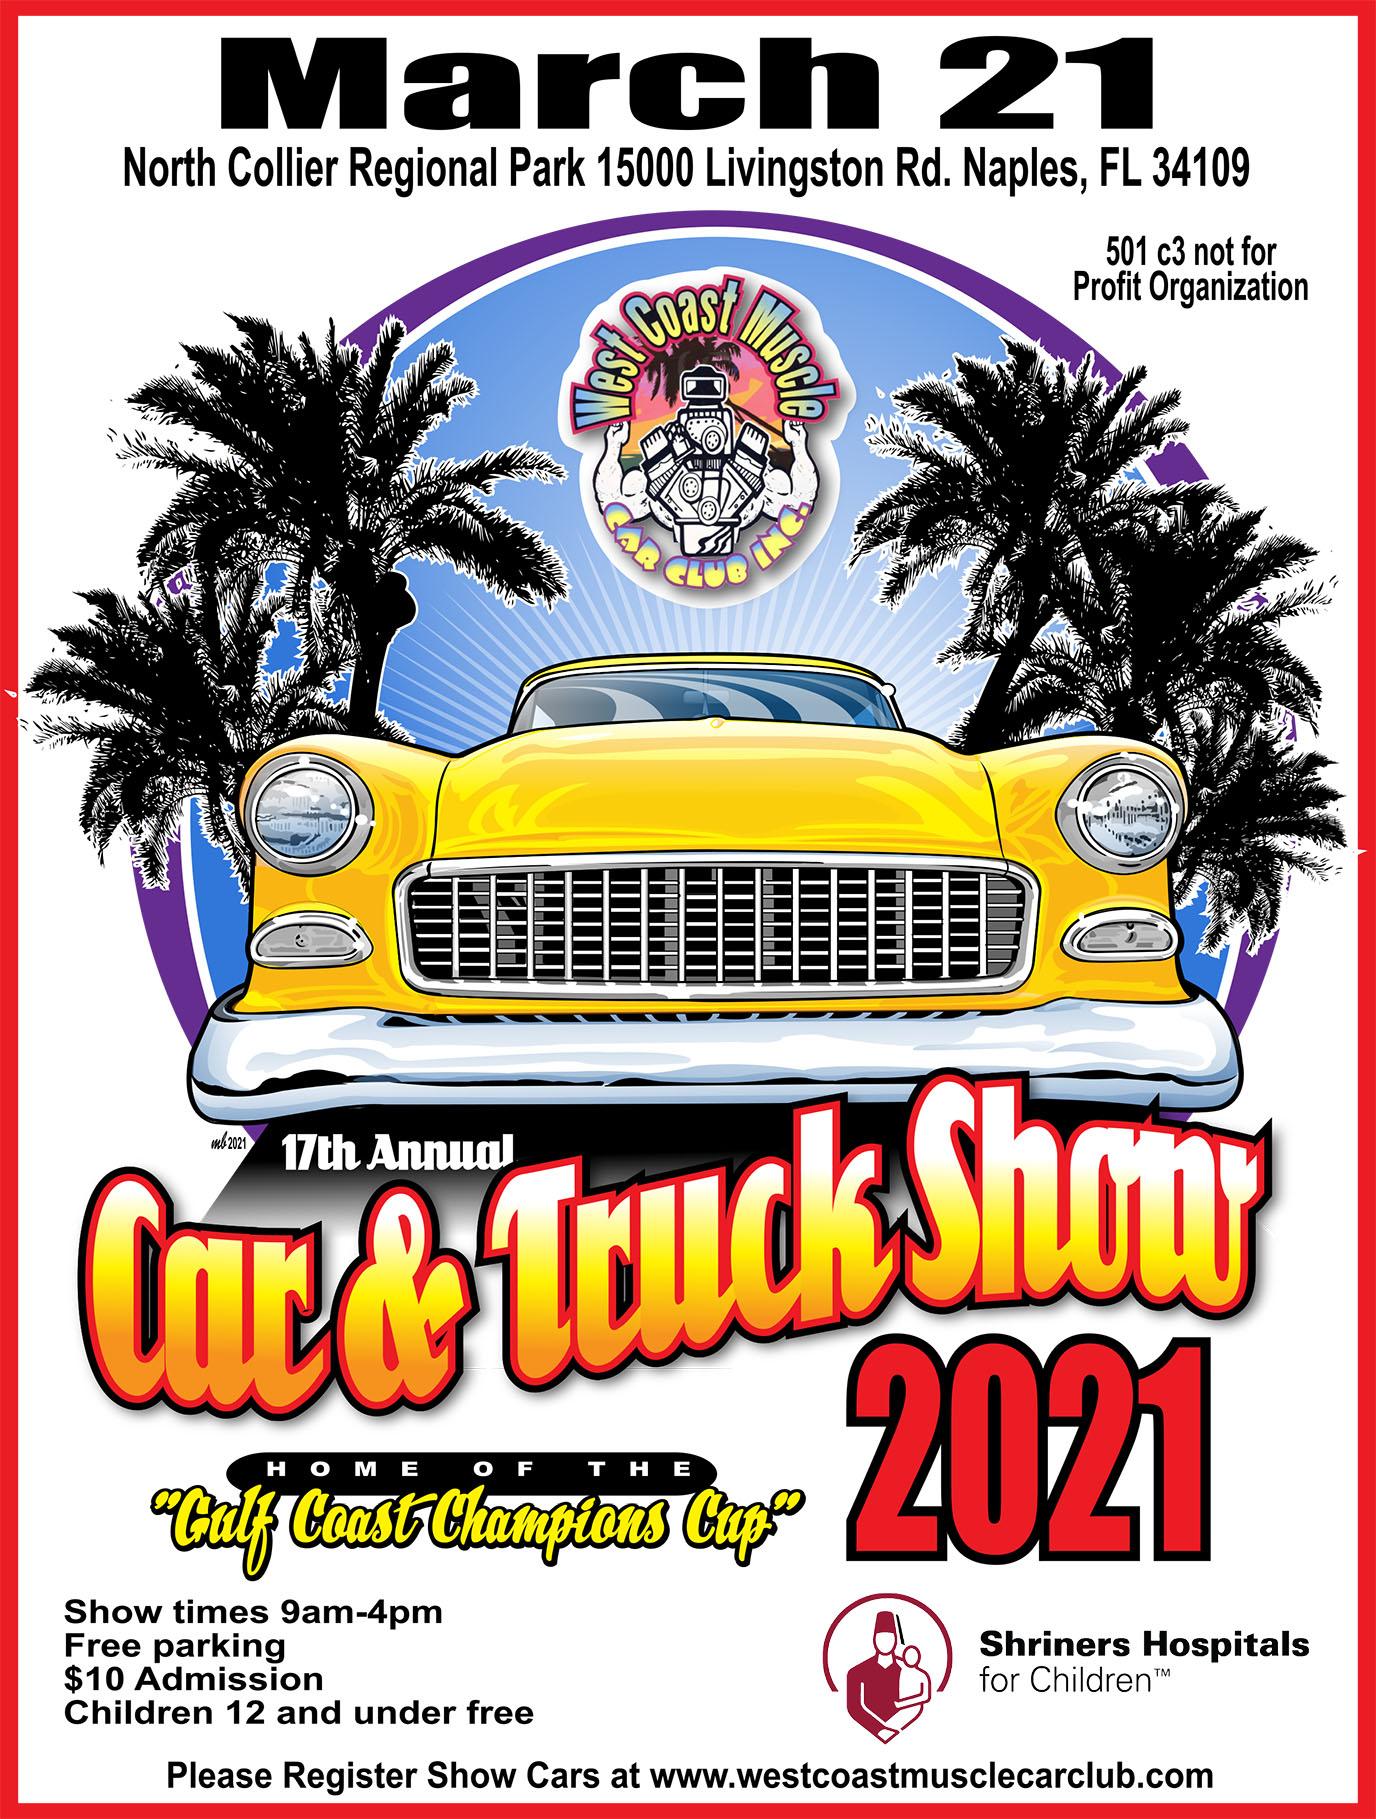 Naples Annual Car Show 2021